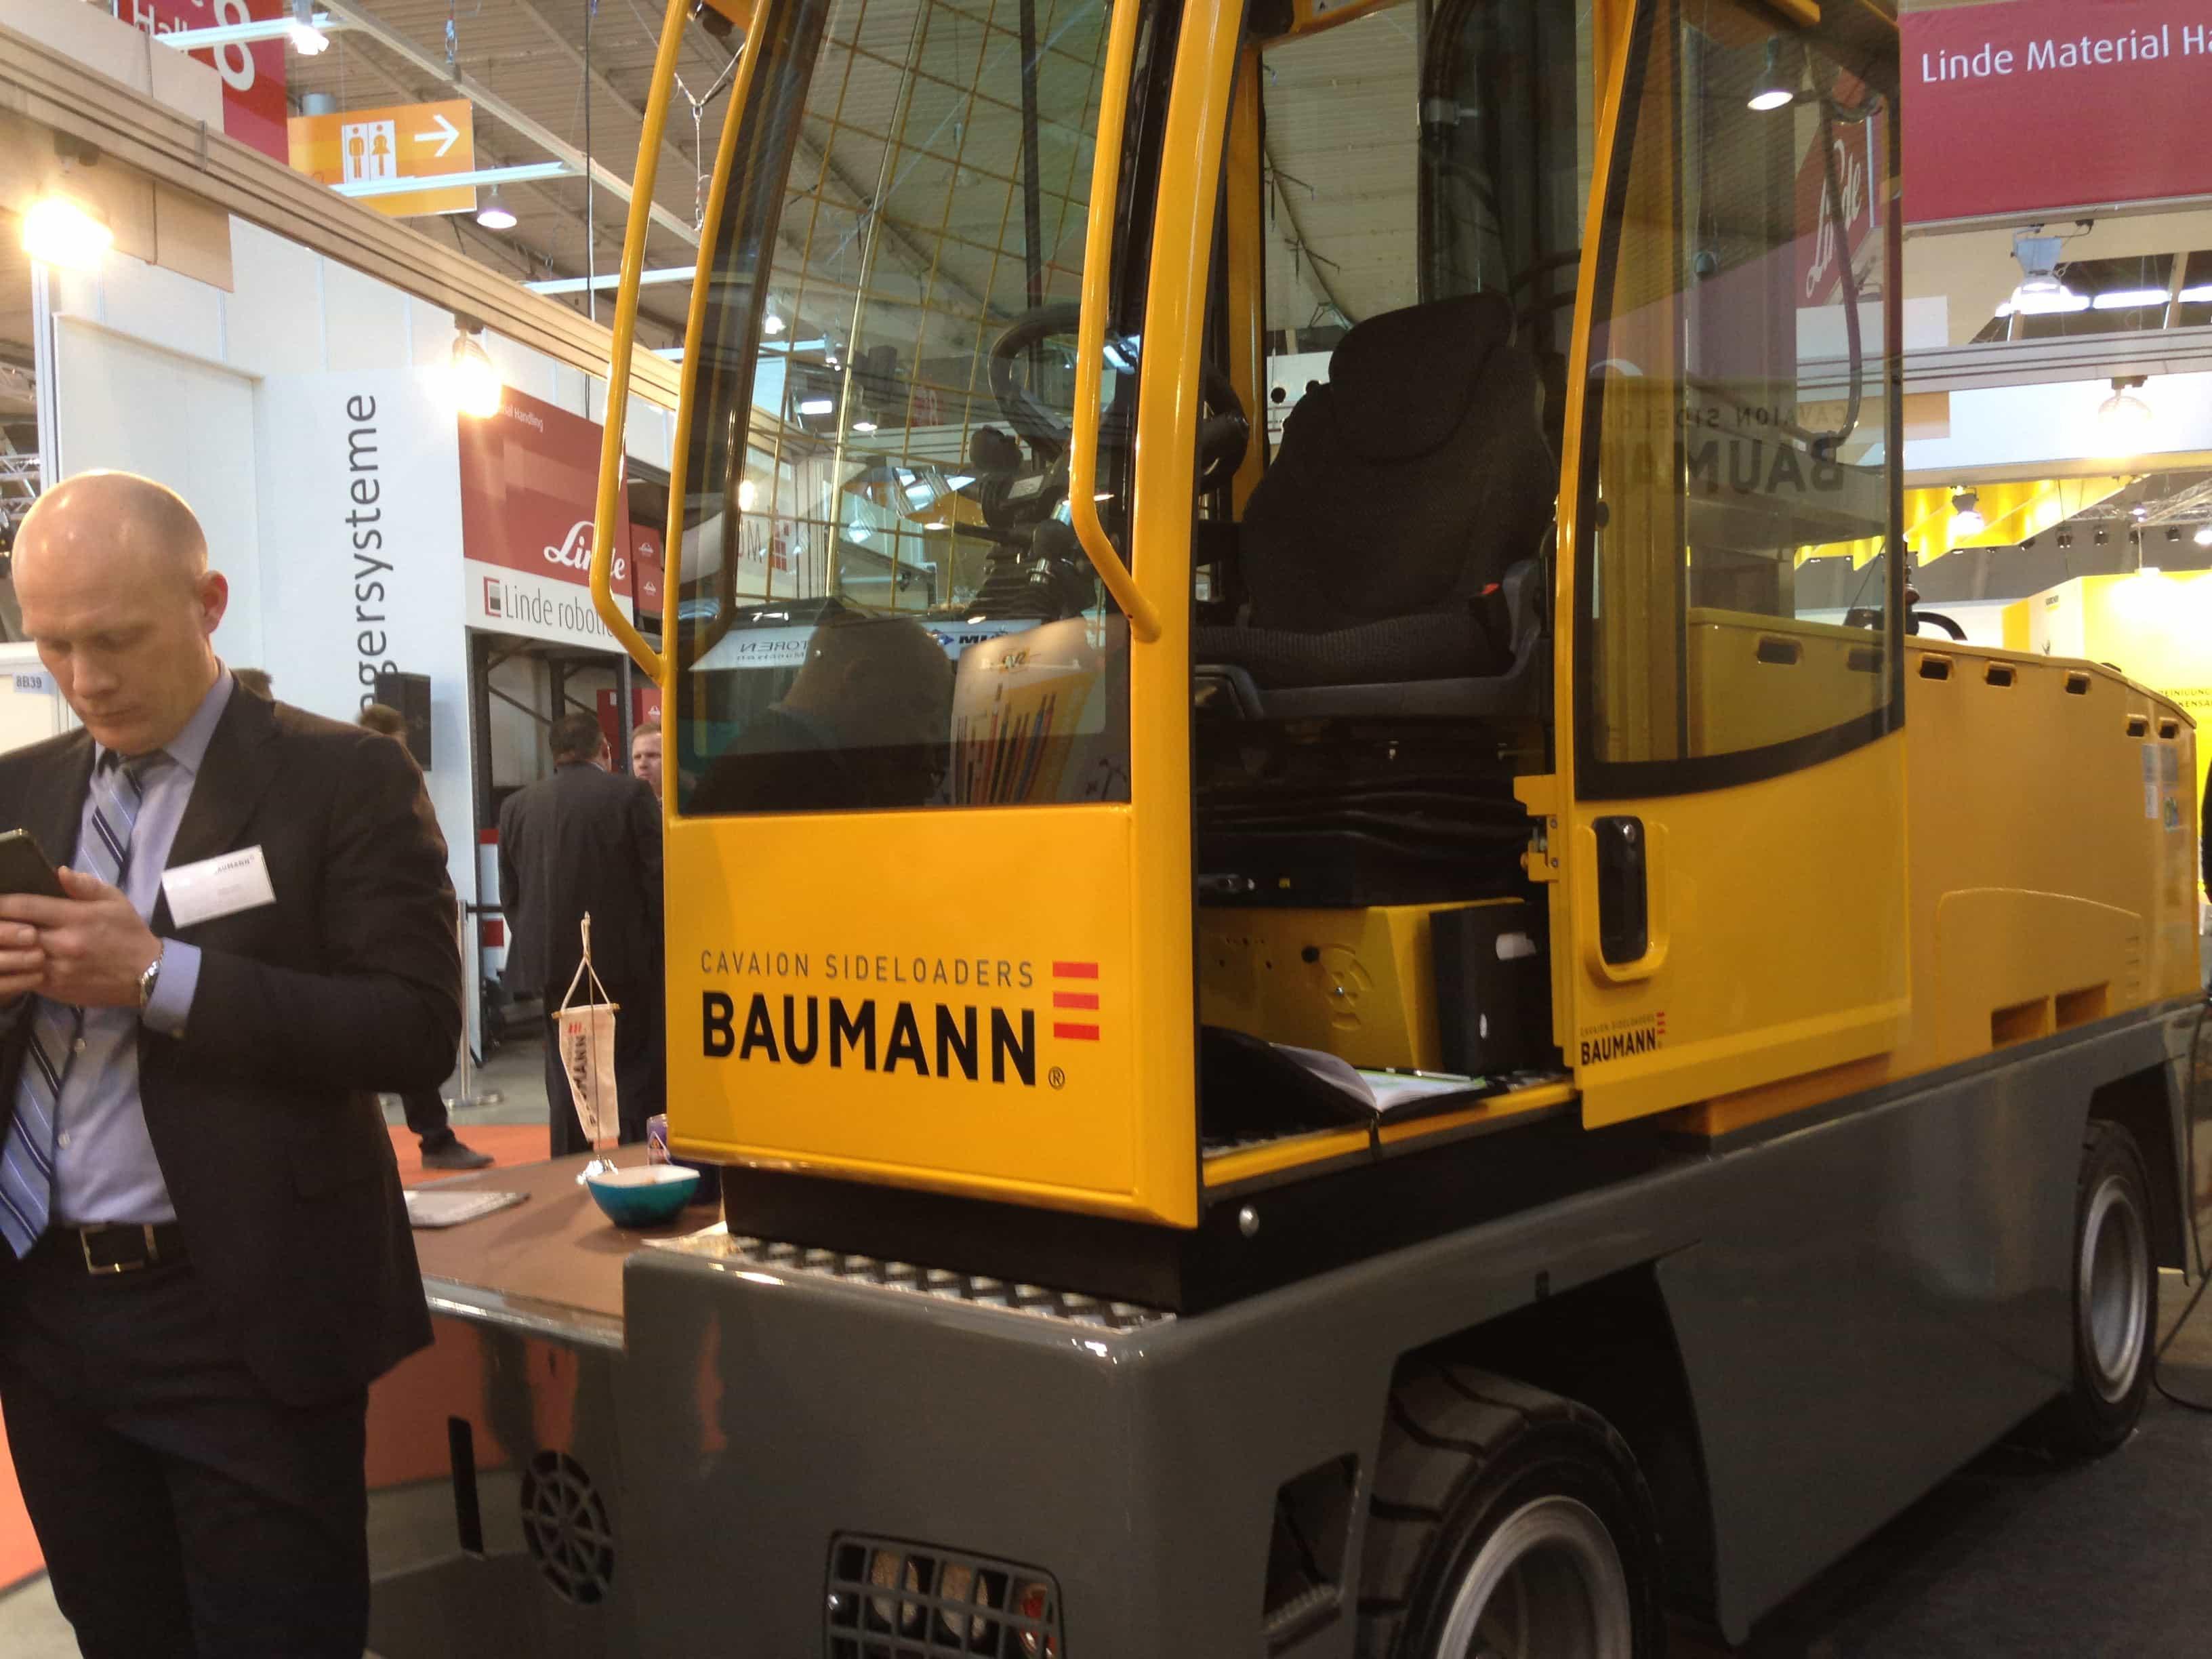 Baumann s latest innovation electrifies logimat baumann for Baumann co innendekoration